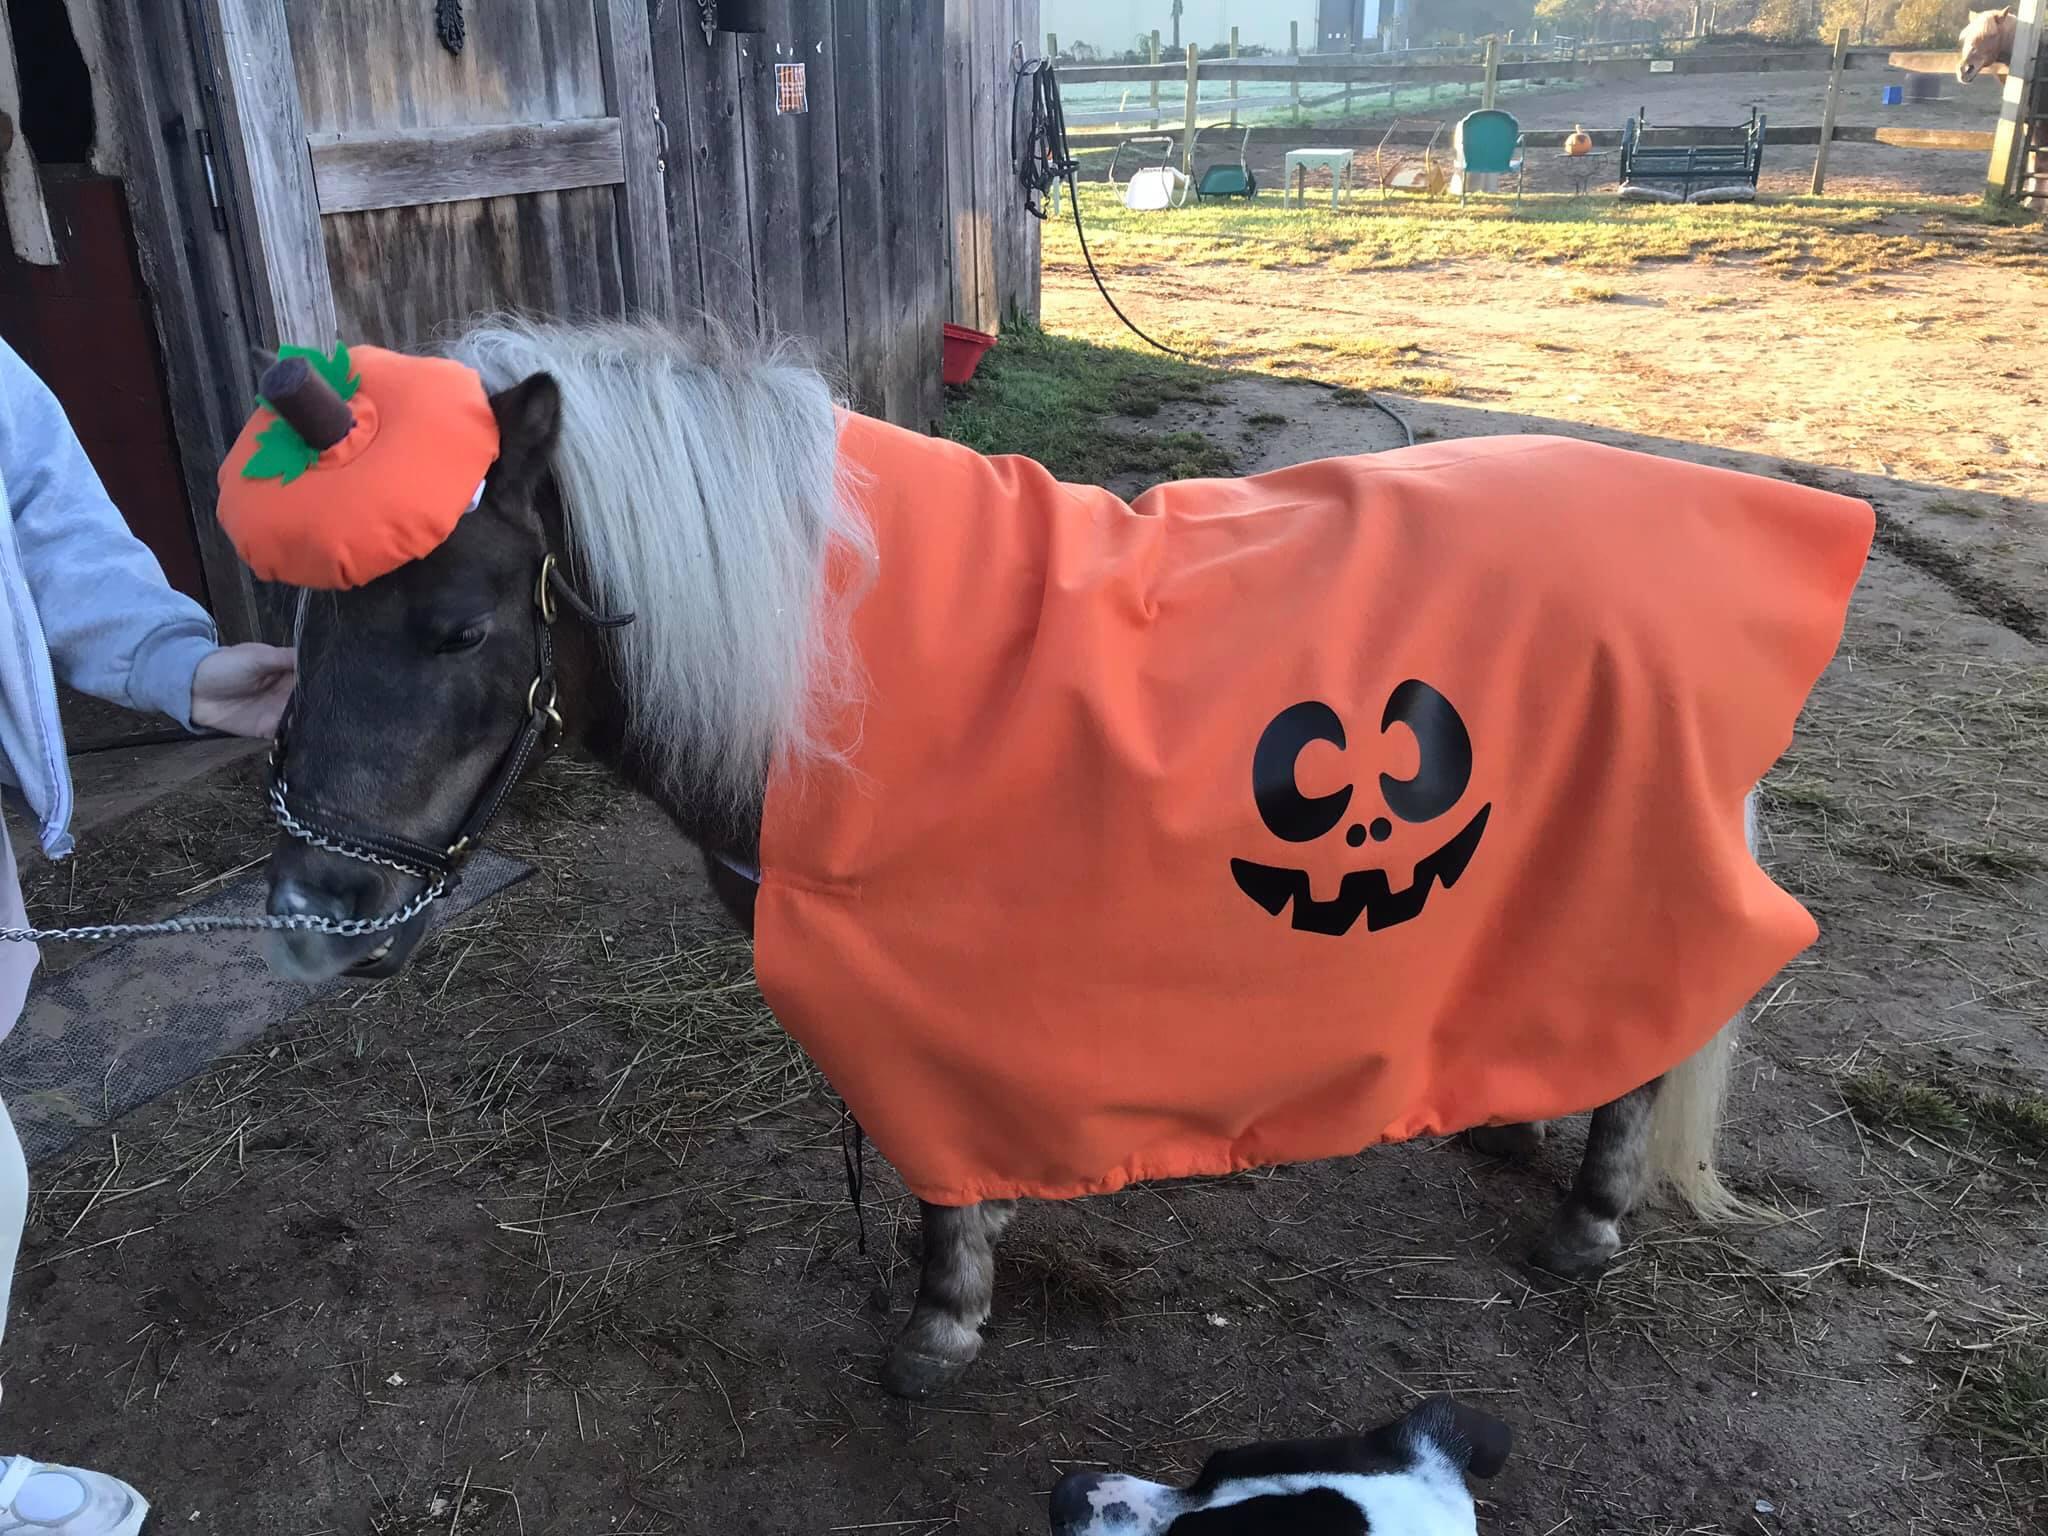 Shag Bark's Annual Halloween Event @ Shag Bark Hickory Farm